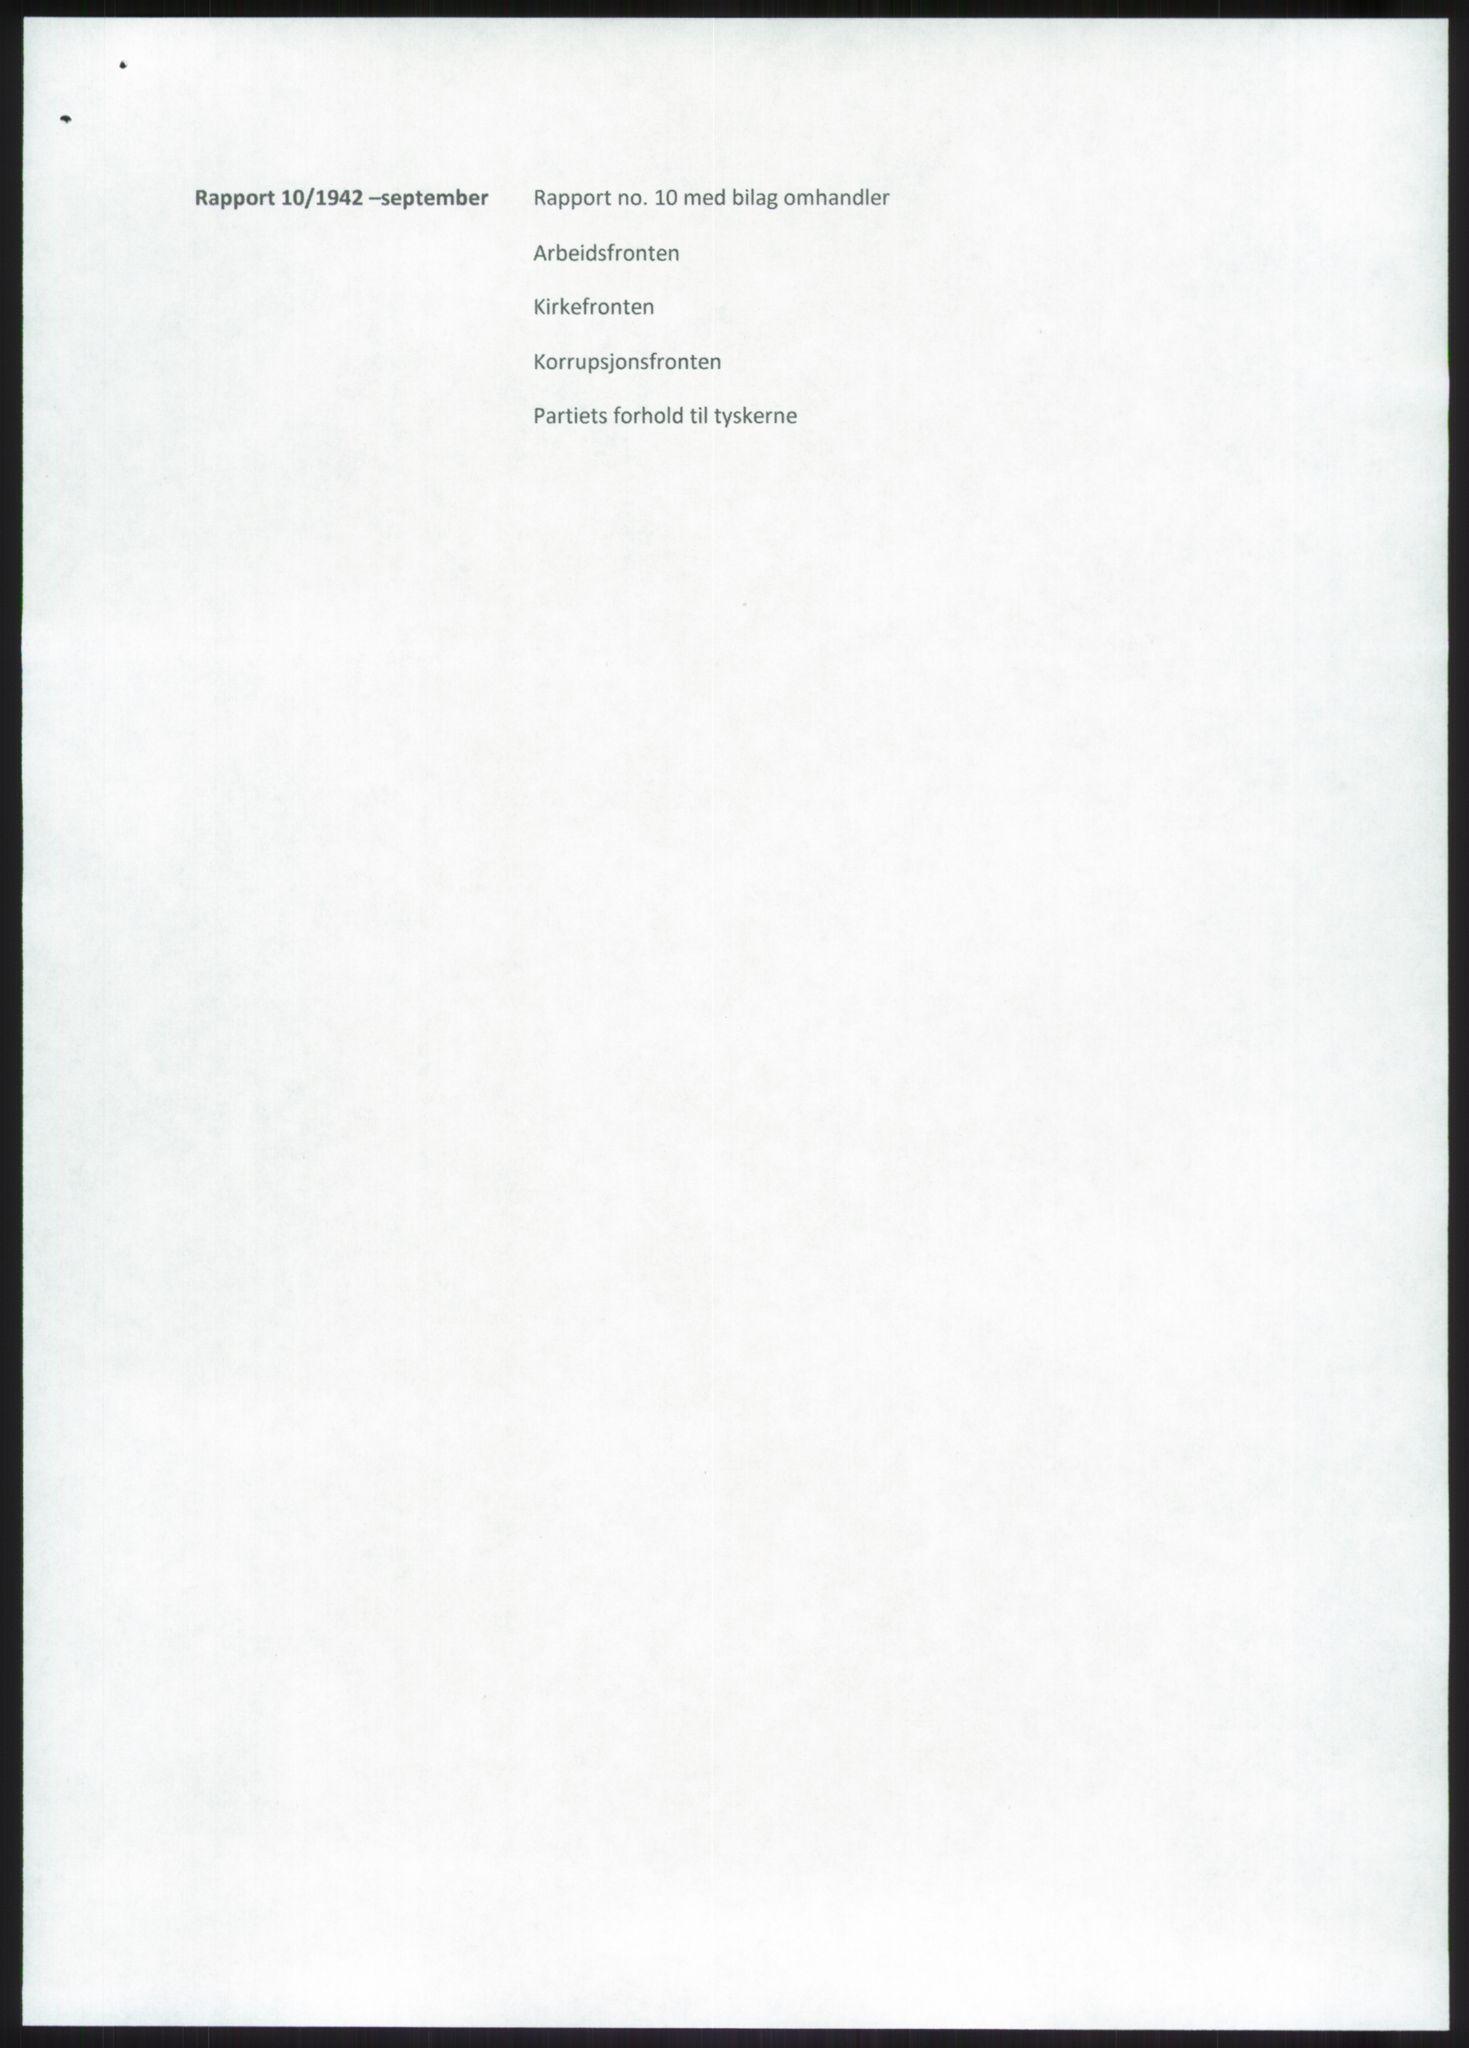 RA, Forsvaret, Forsvarets overkommando, Da/L0079: Etterretningsrapporter, 1942, s. 92